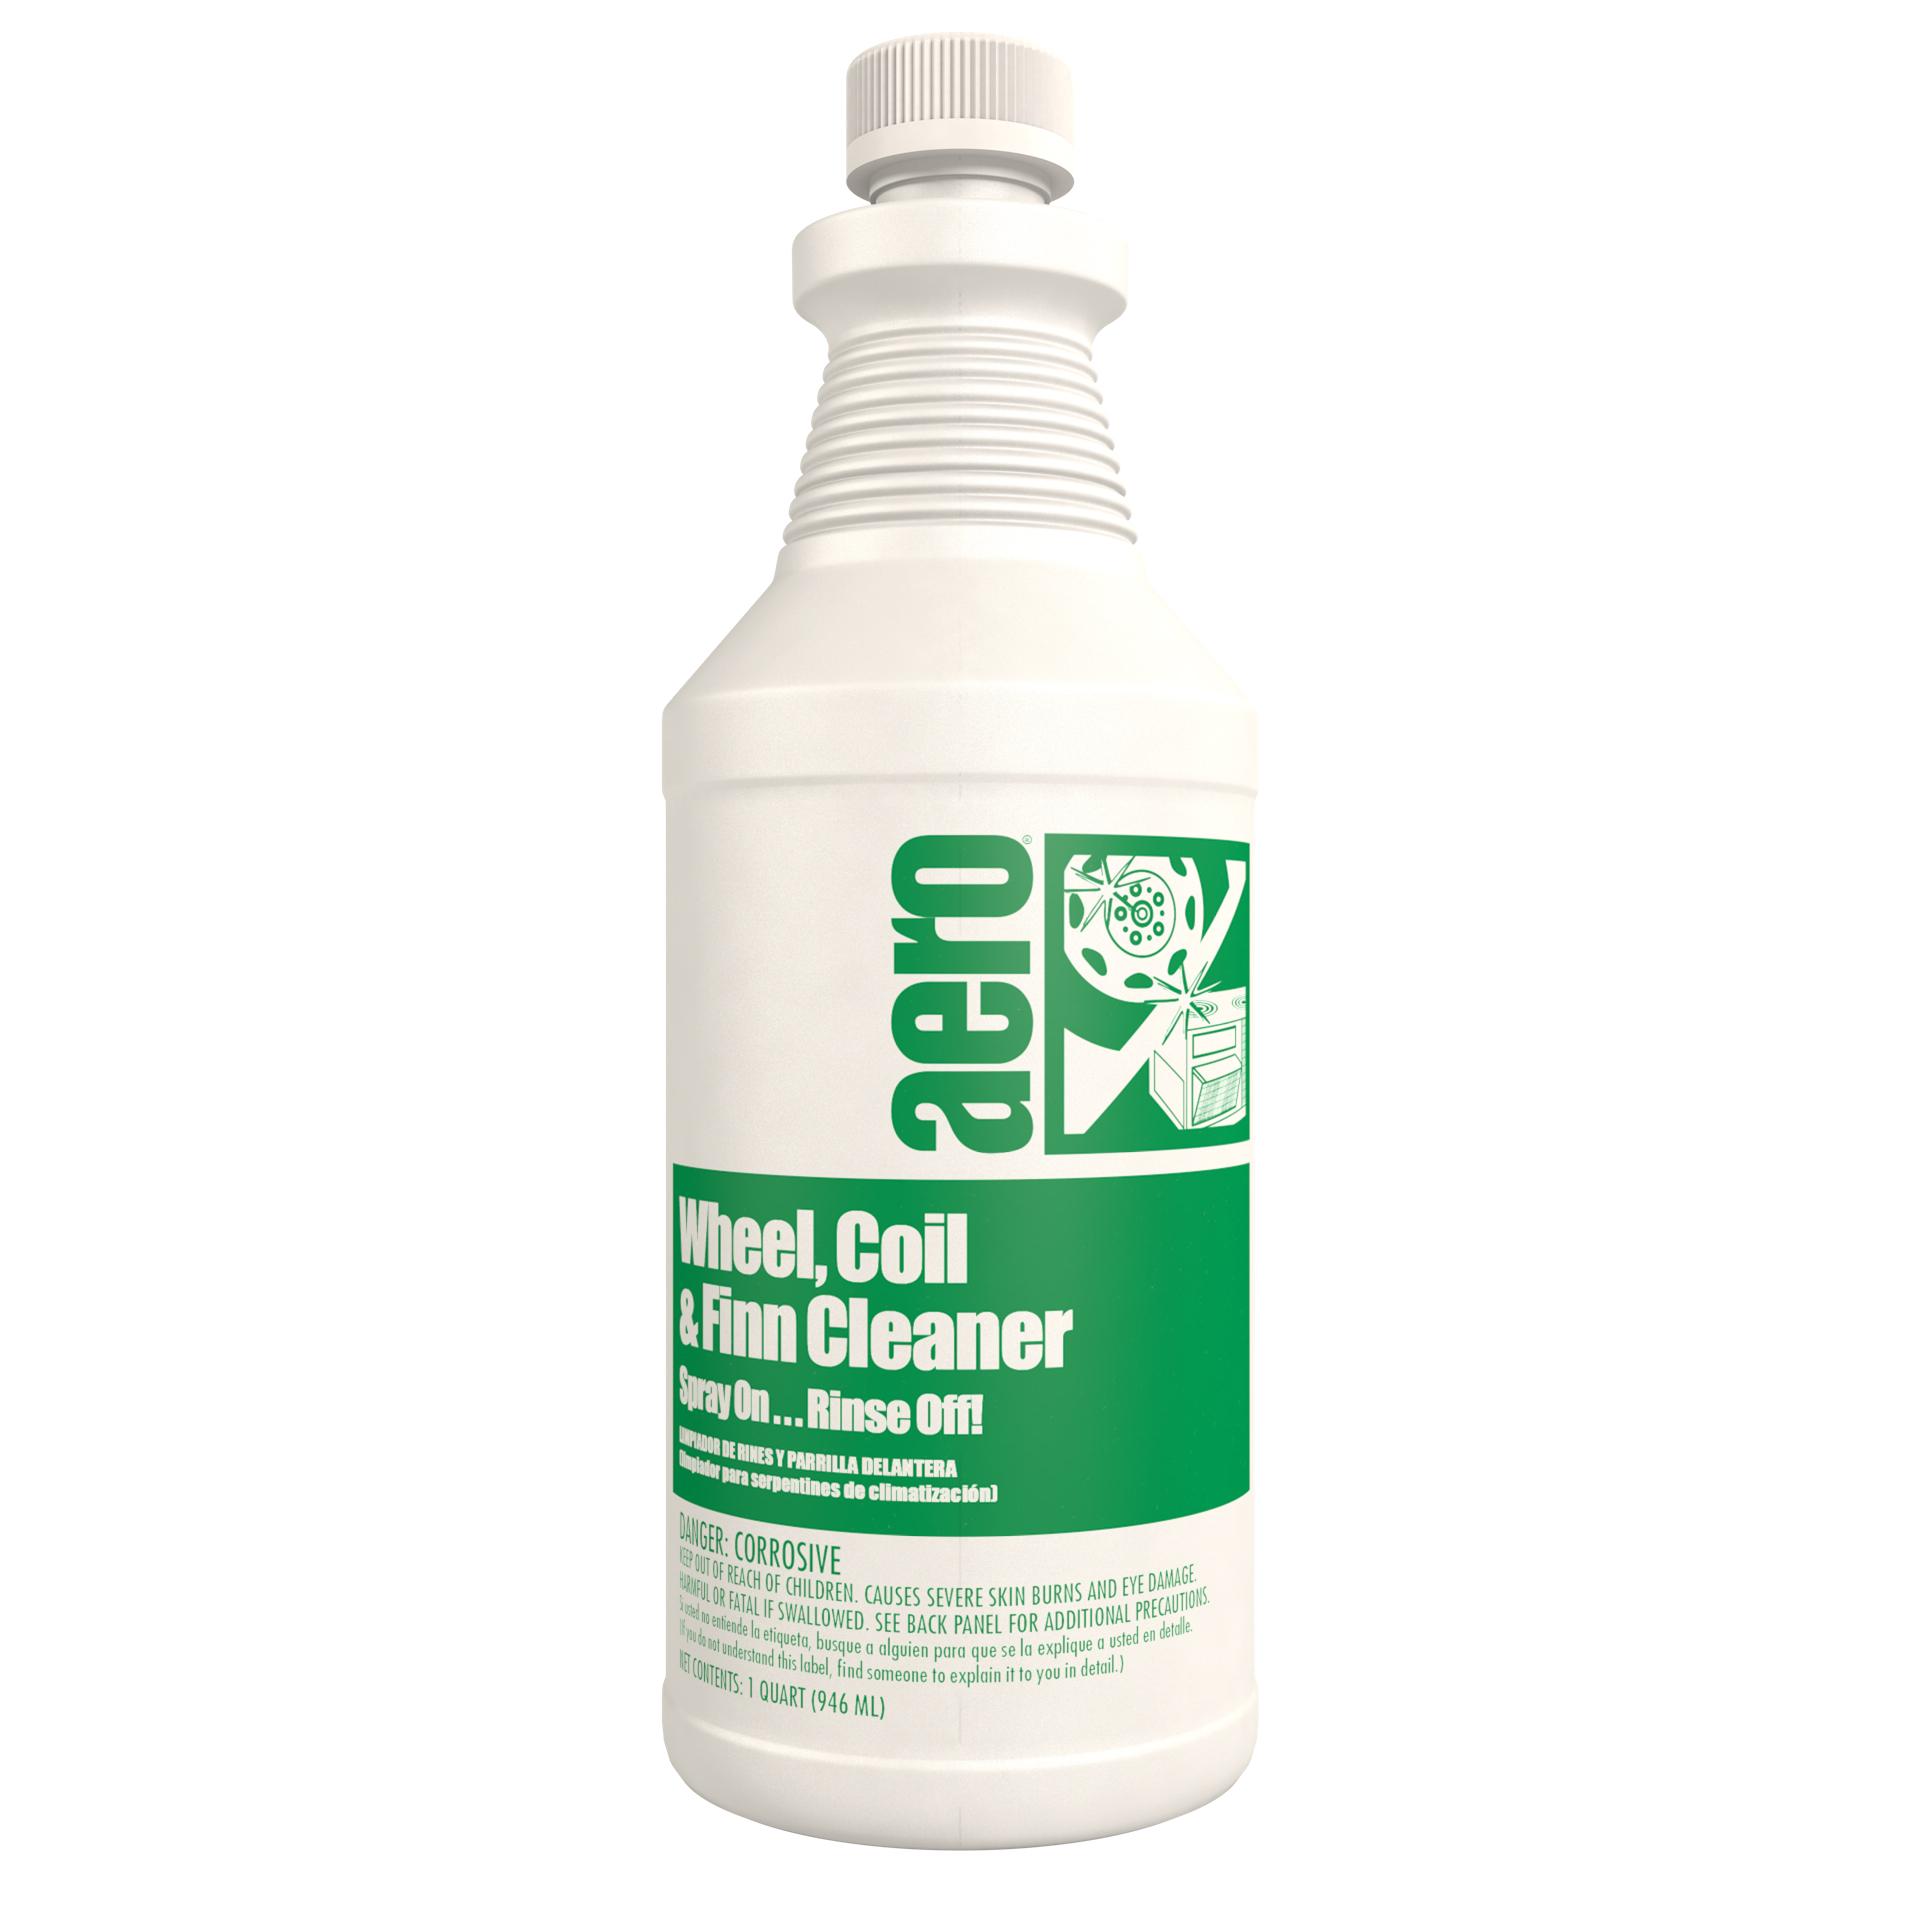 WHEEL COIL & FINN CLEANER  1